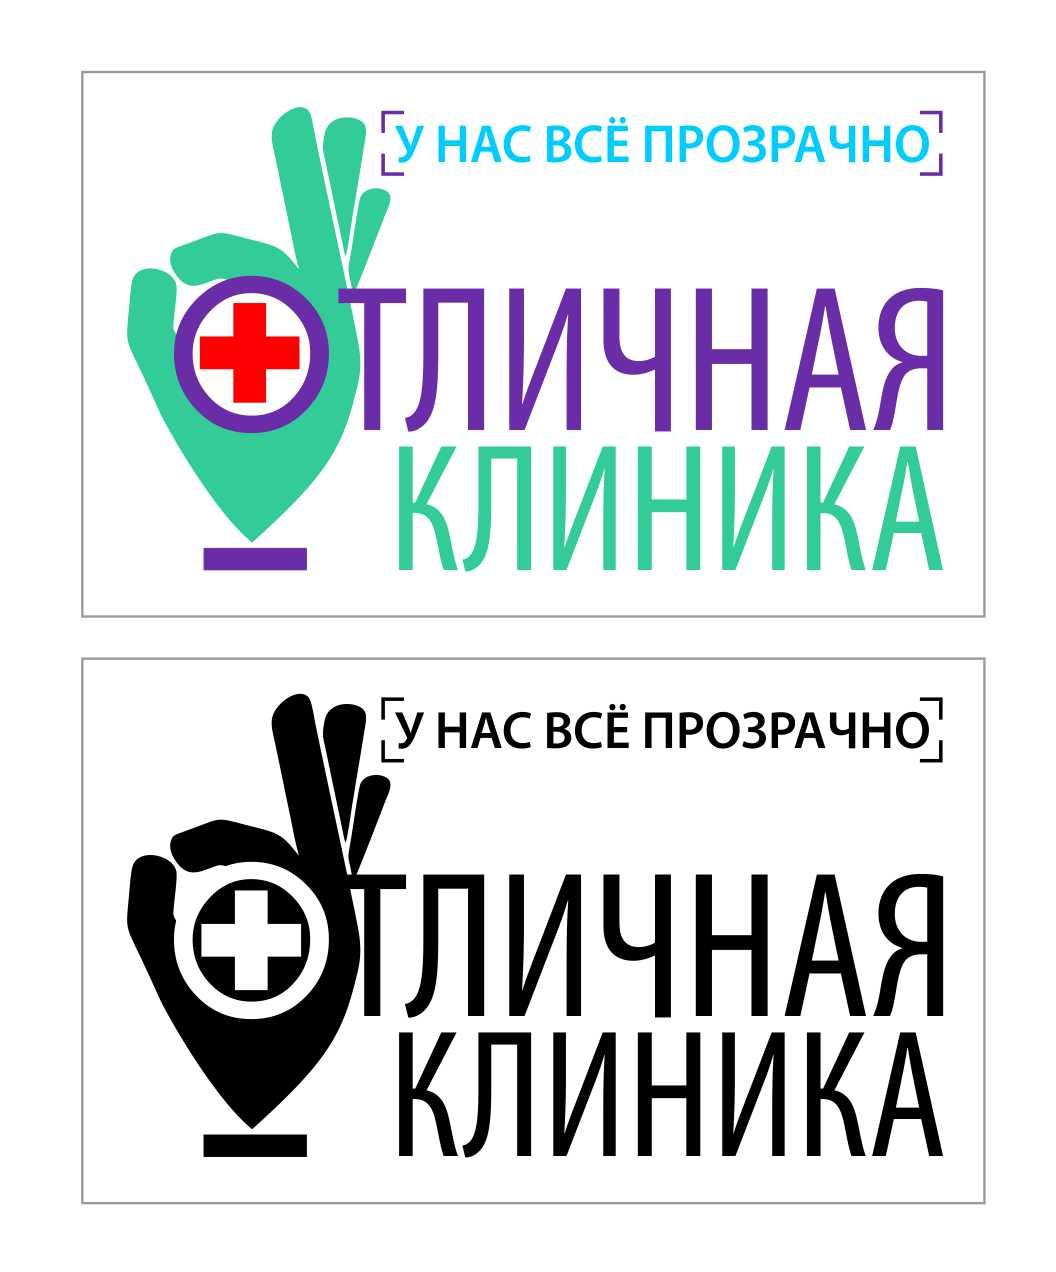 Логотип и фирменный стиль частной клиники фото f_2425c8d7c7220717.jpg